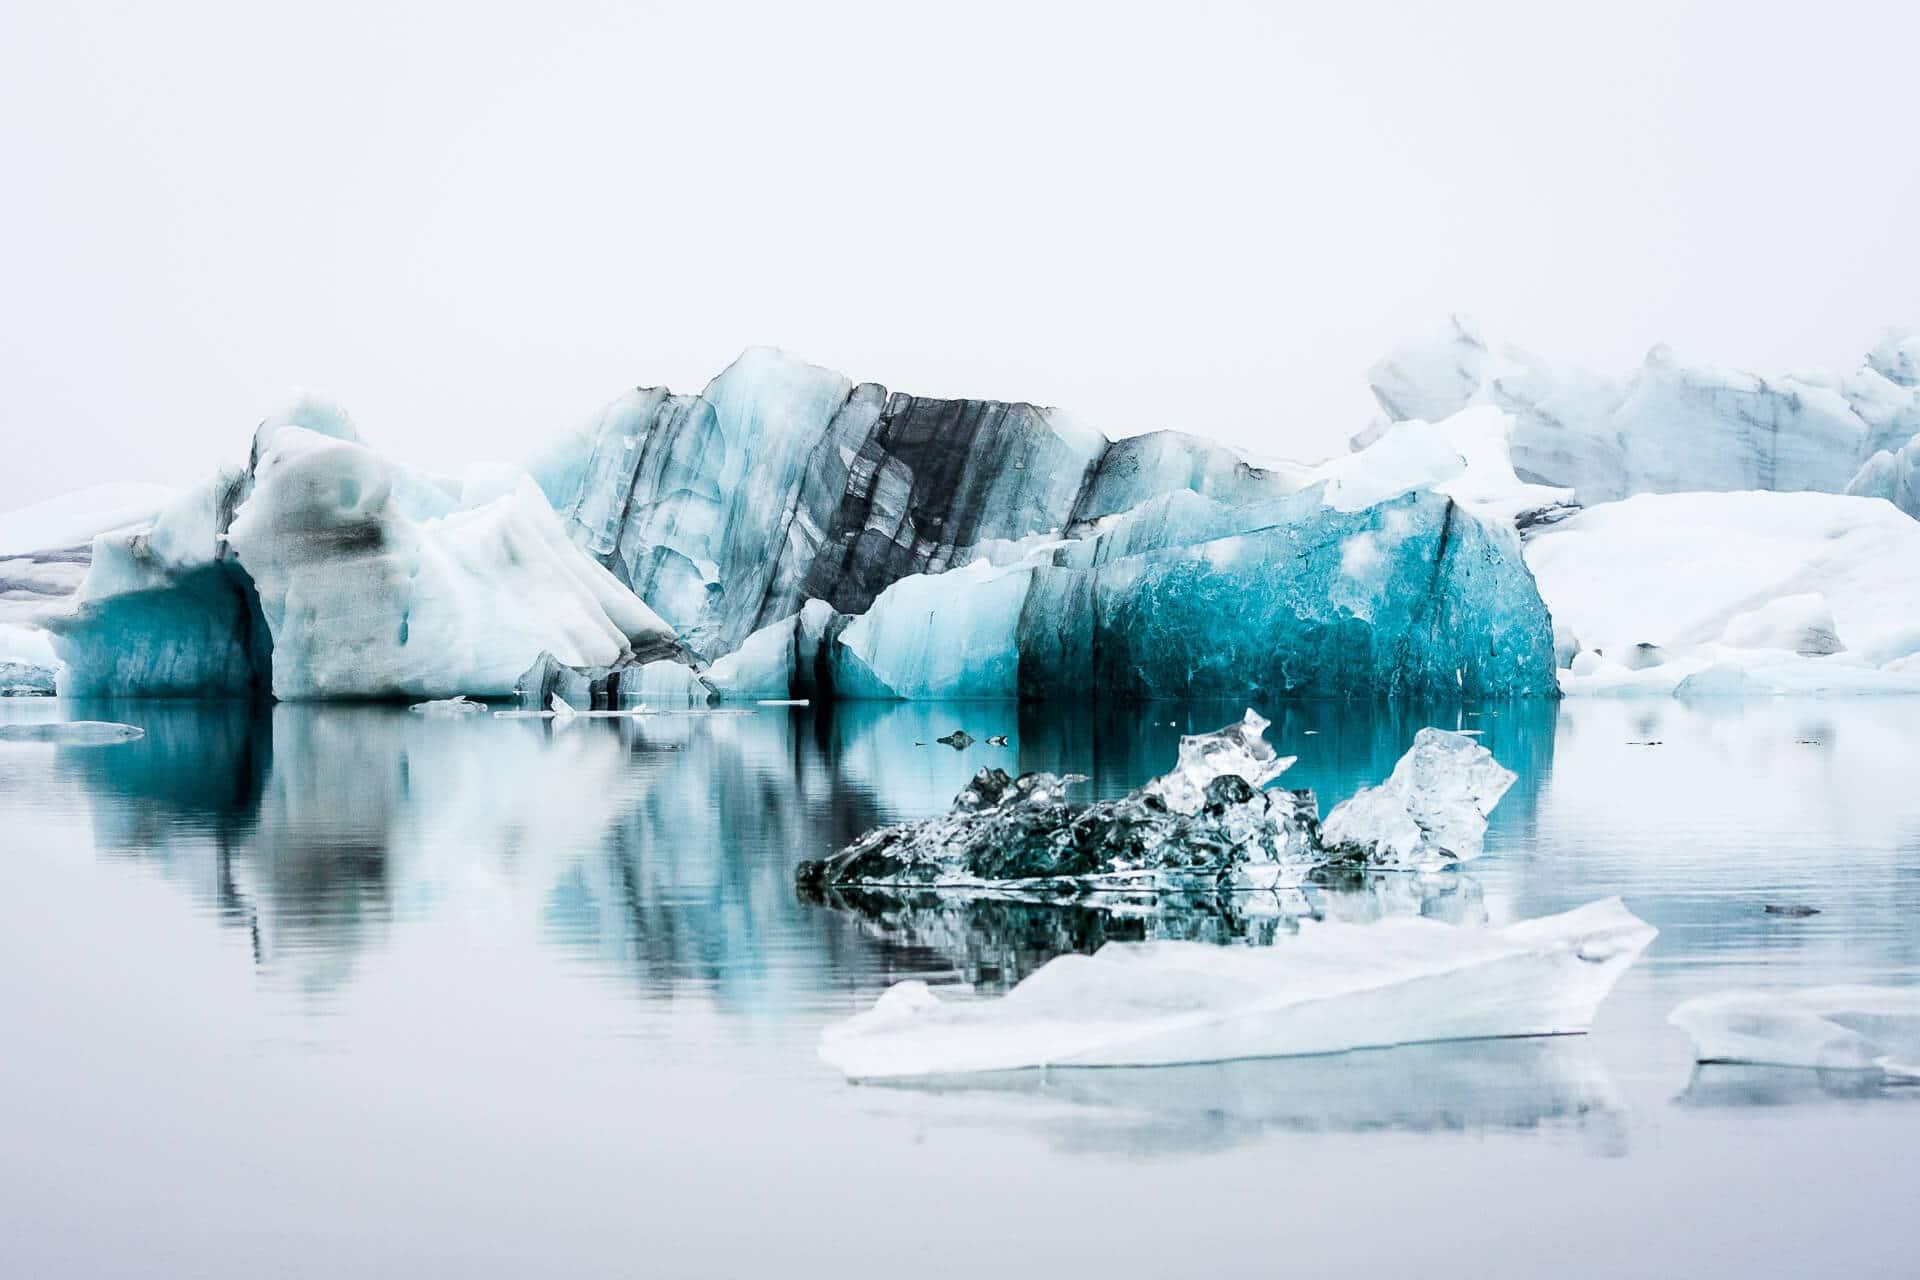 Gletscherlagune in Island – wir lieben die Stimmung im Nebel und die Farben des Eises